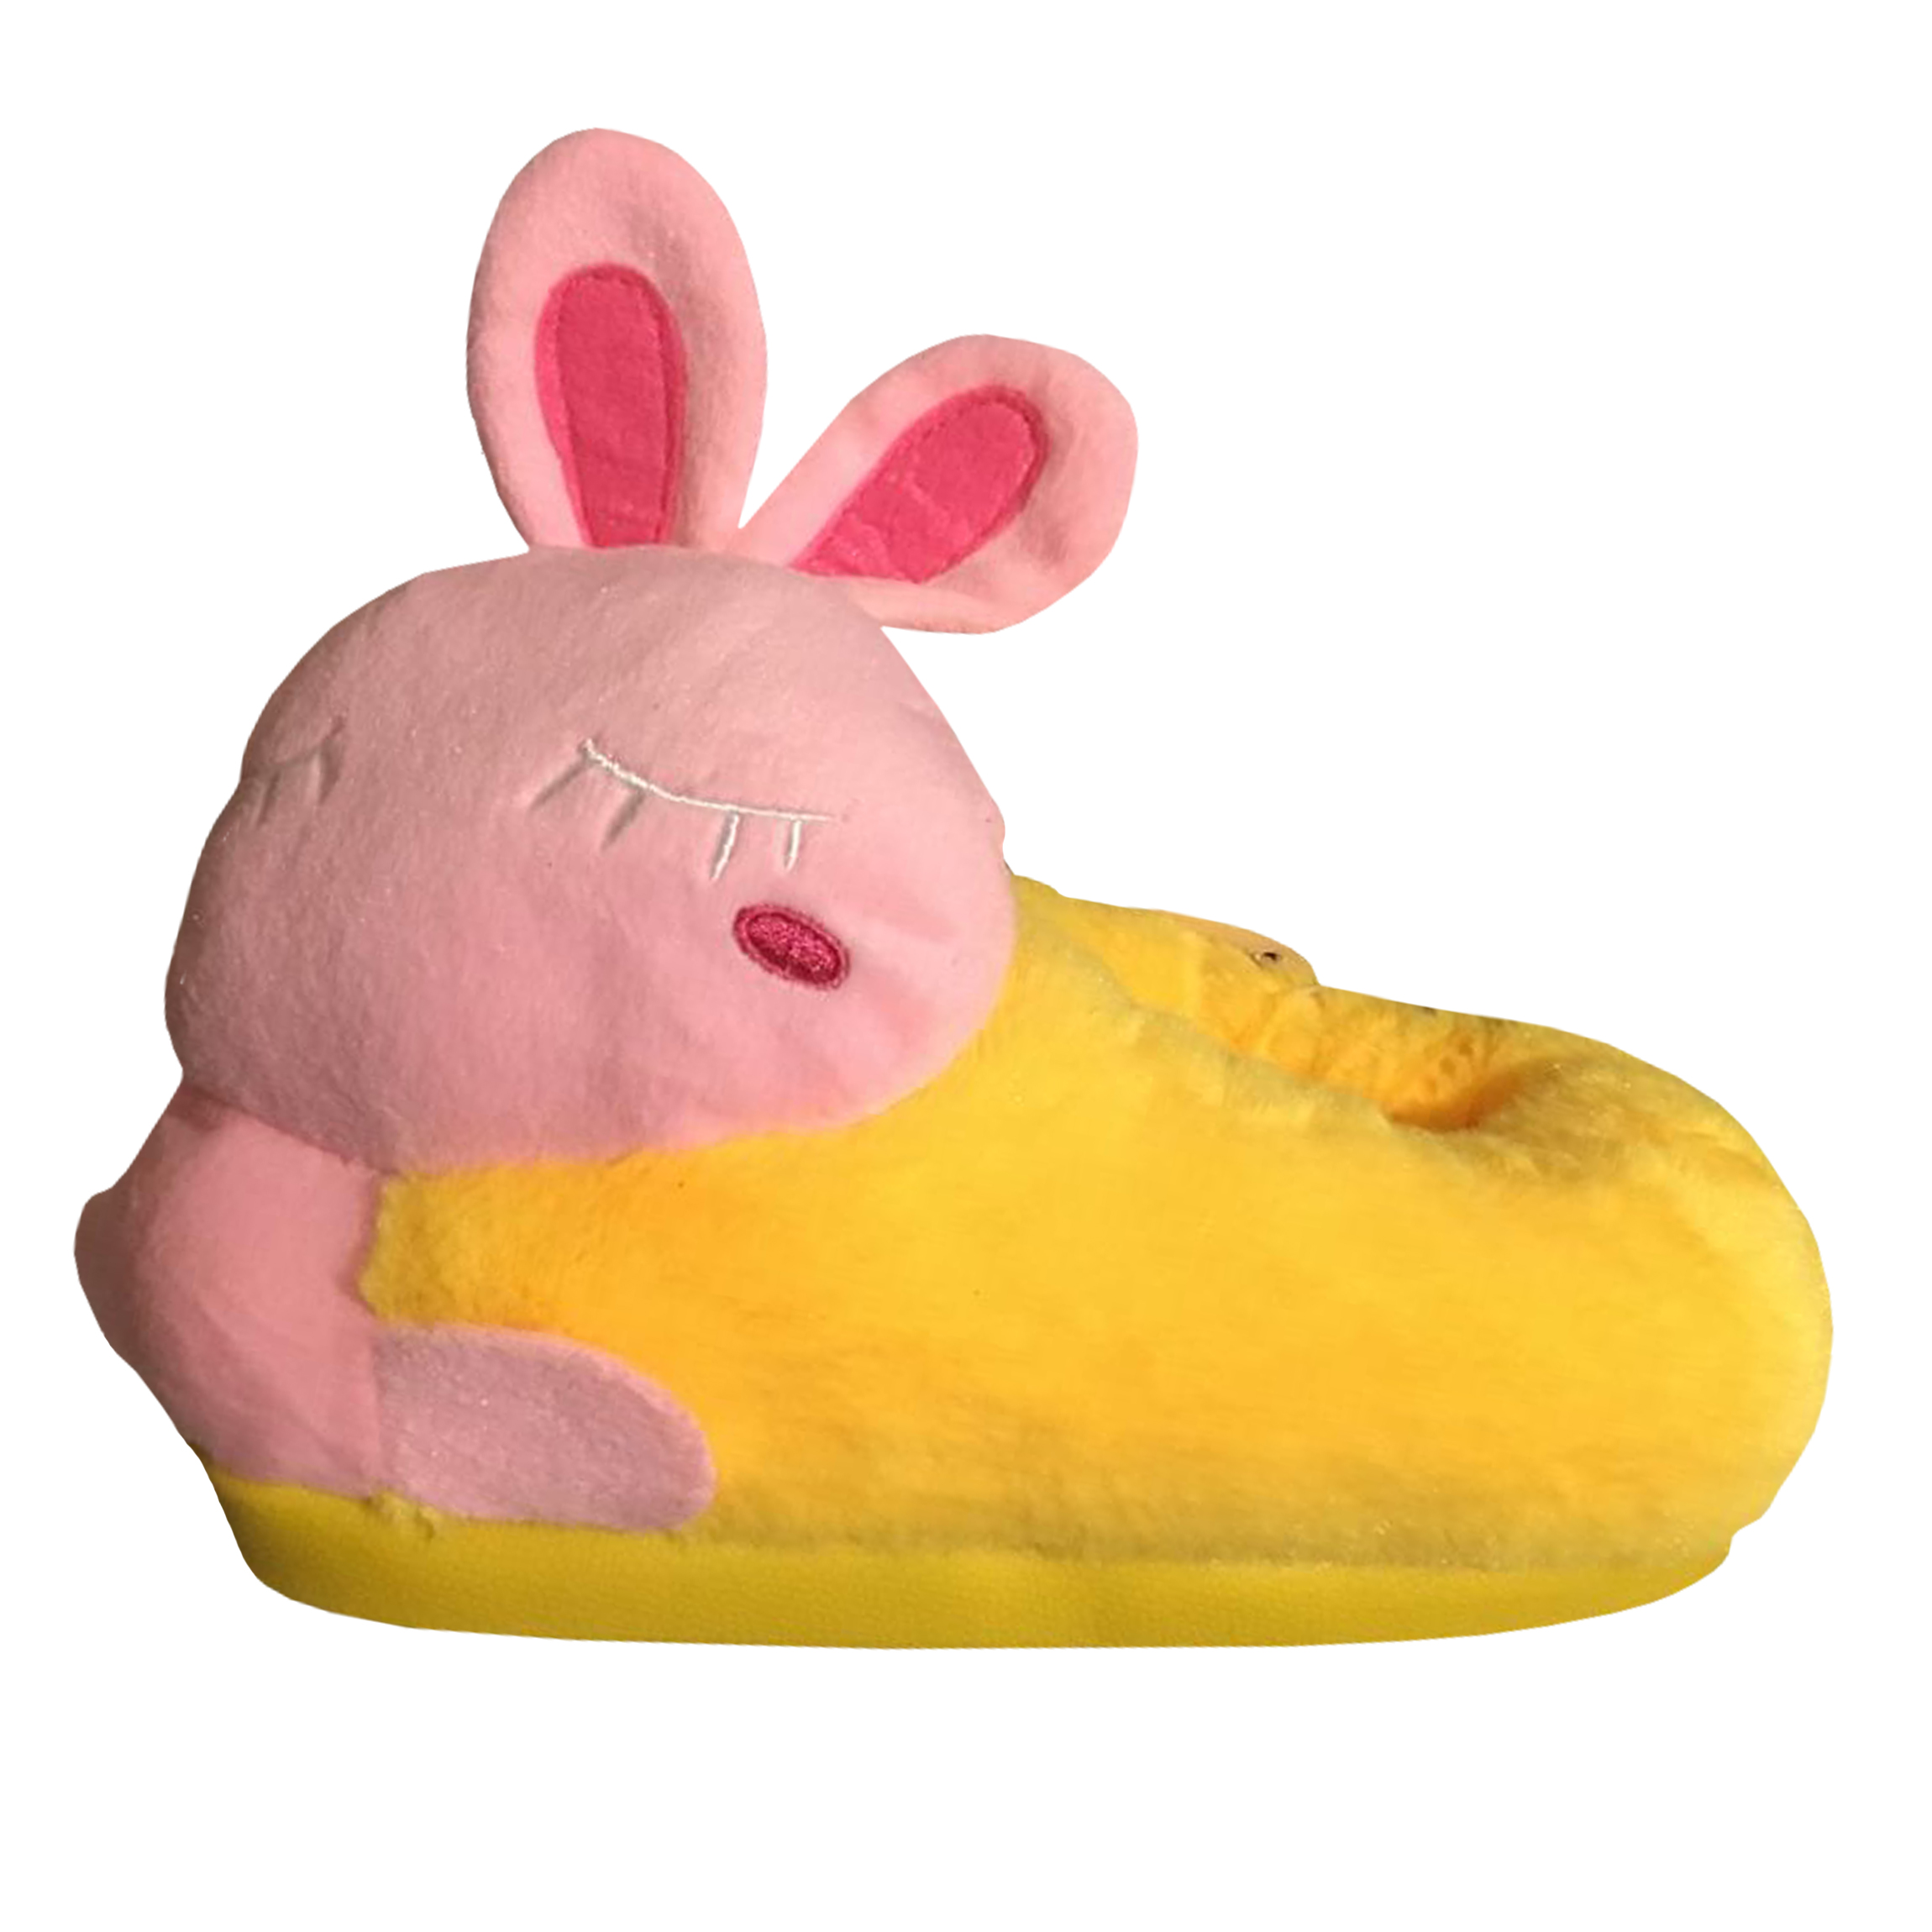 پاپوش دخترانه مدل خرگوش